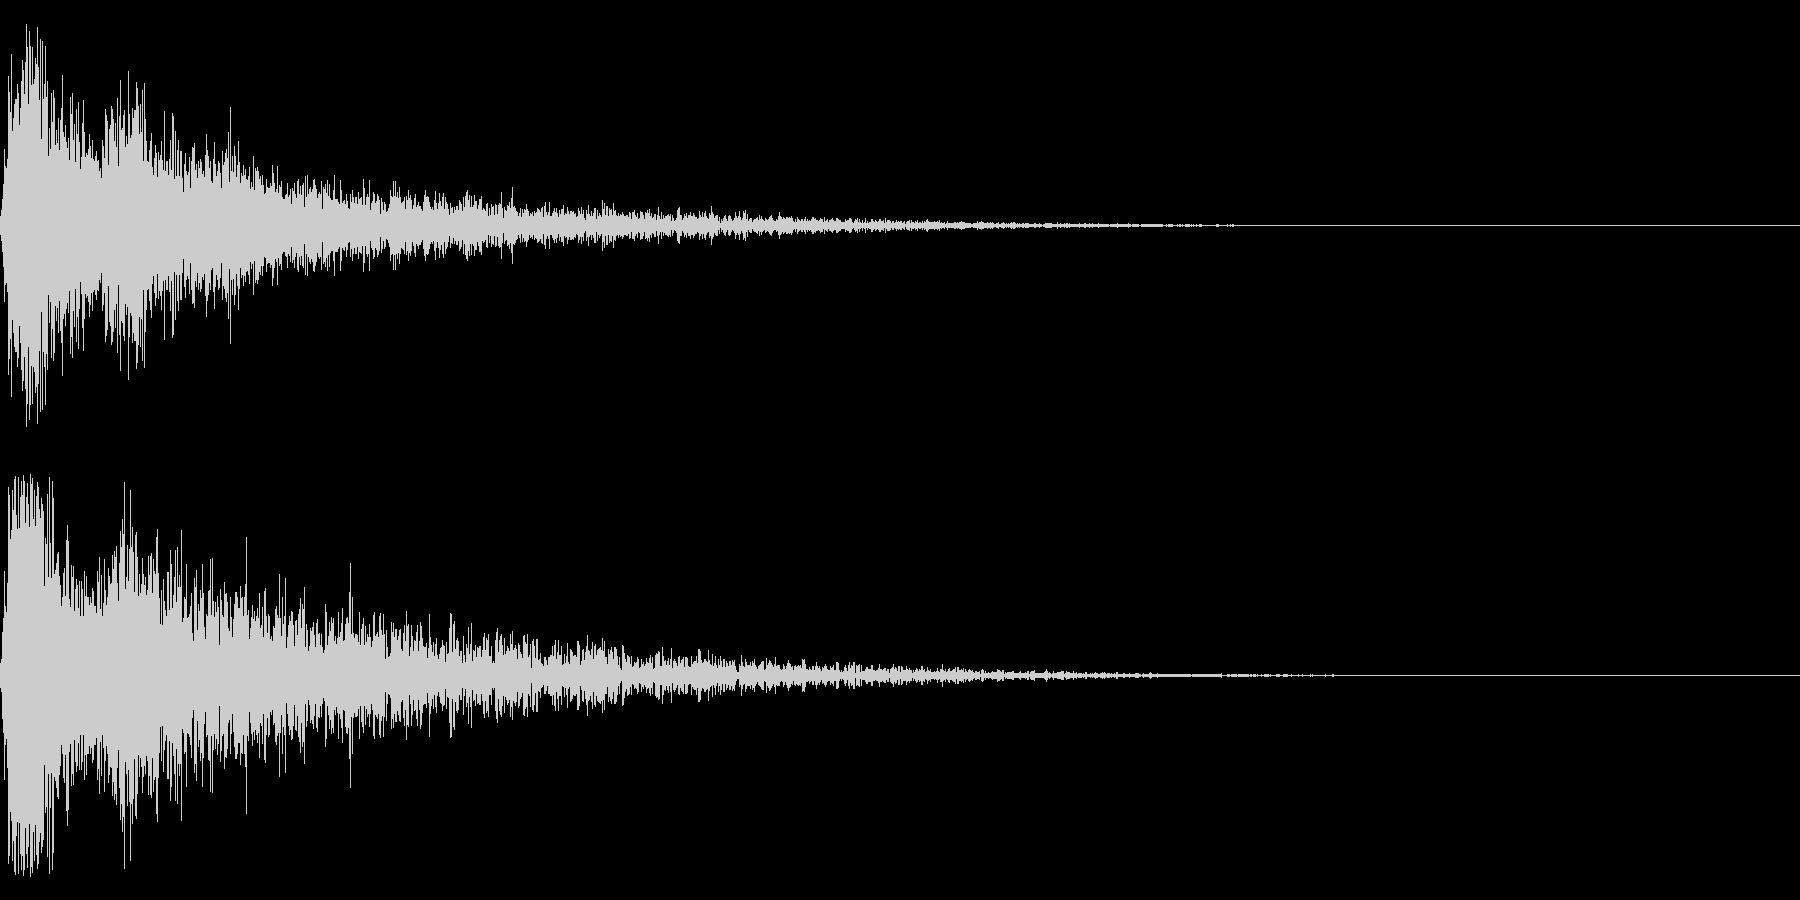 ドーン-55-2(インパクト音)の未再生の波形